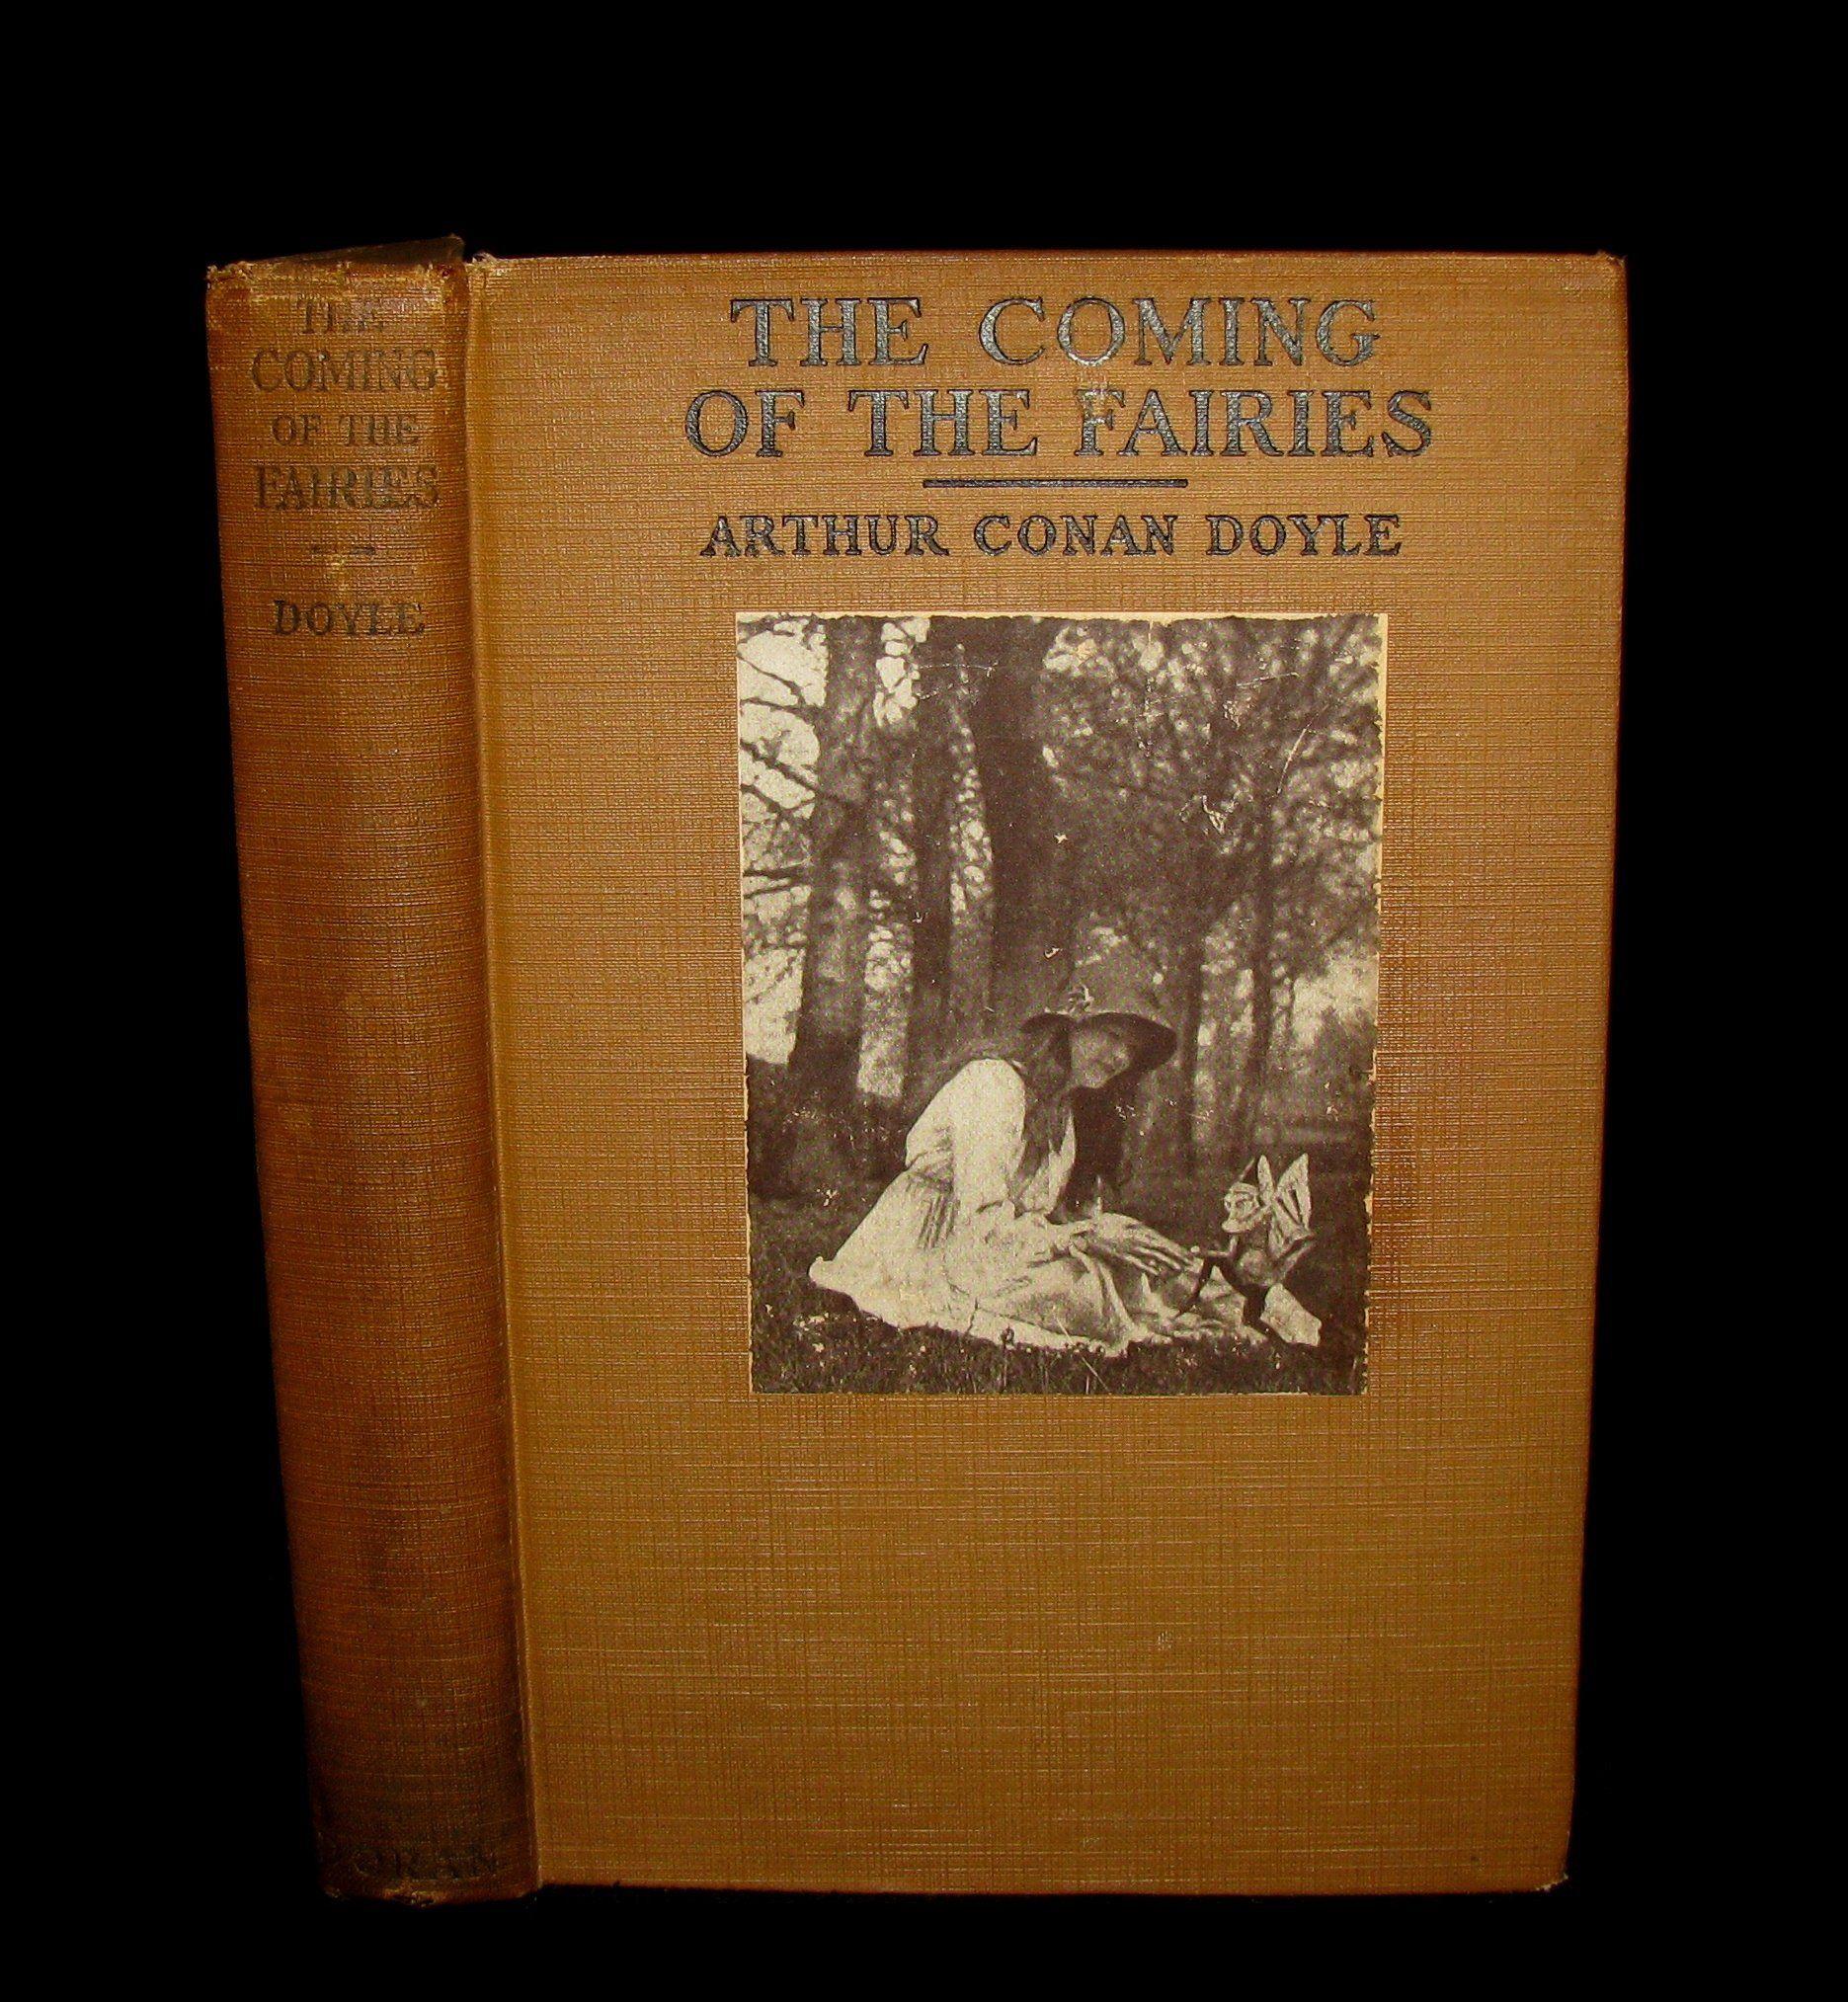 1922 Rare First Edition Cottingley Fairies Arthur Conan Doyle The Coming Of The Fairies Arthur Conan Arthur Conan Doyle Conan Doyle